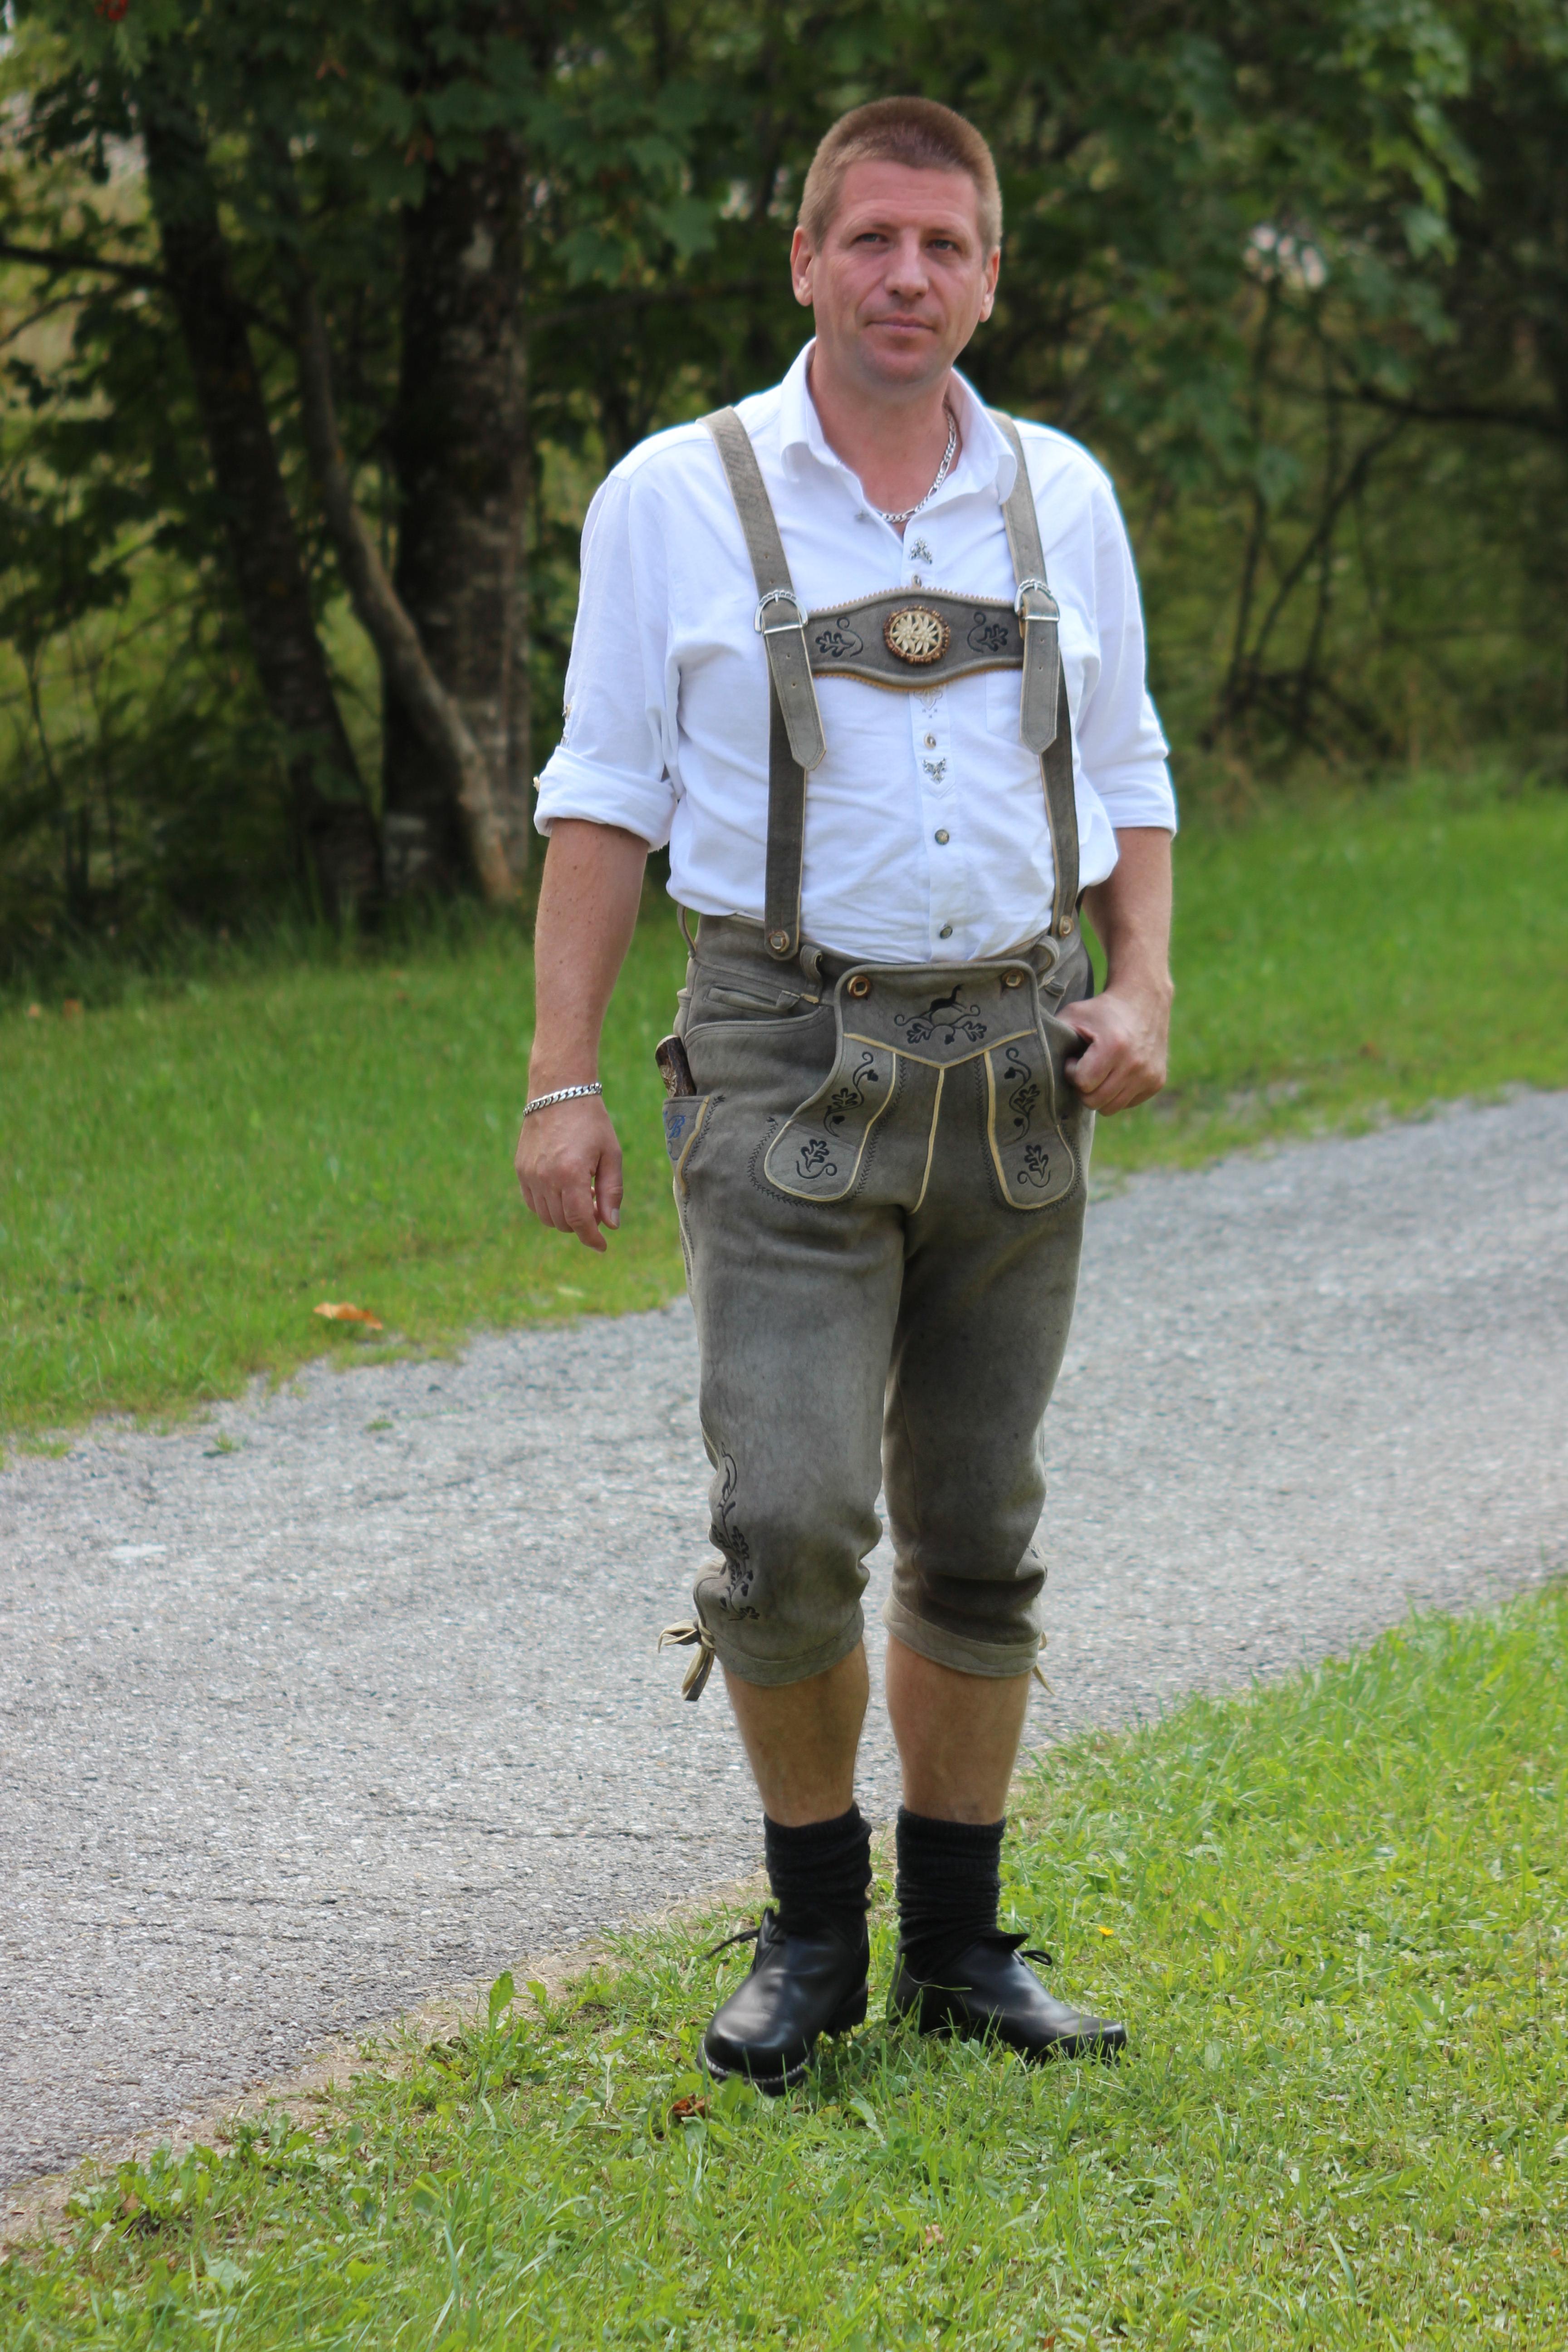 dateilederhose und trachtenhemdjpg � wikipedia